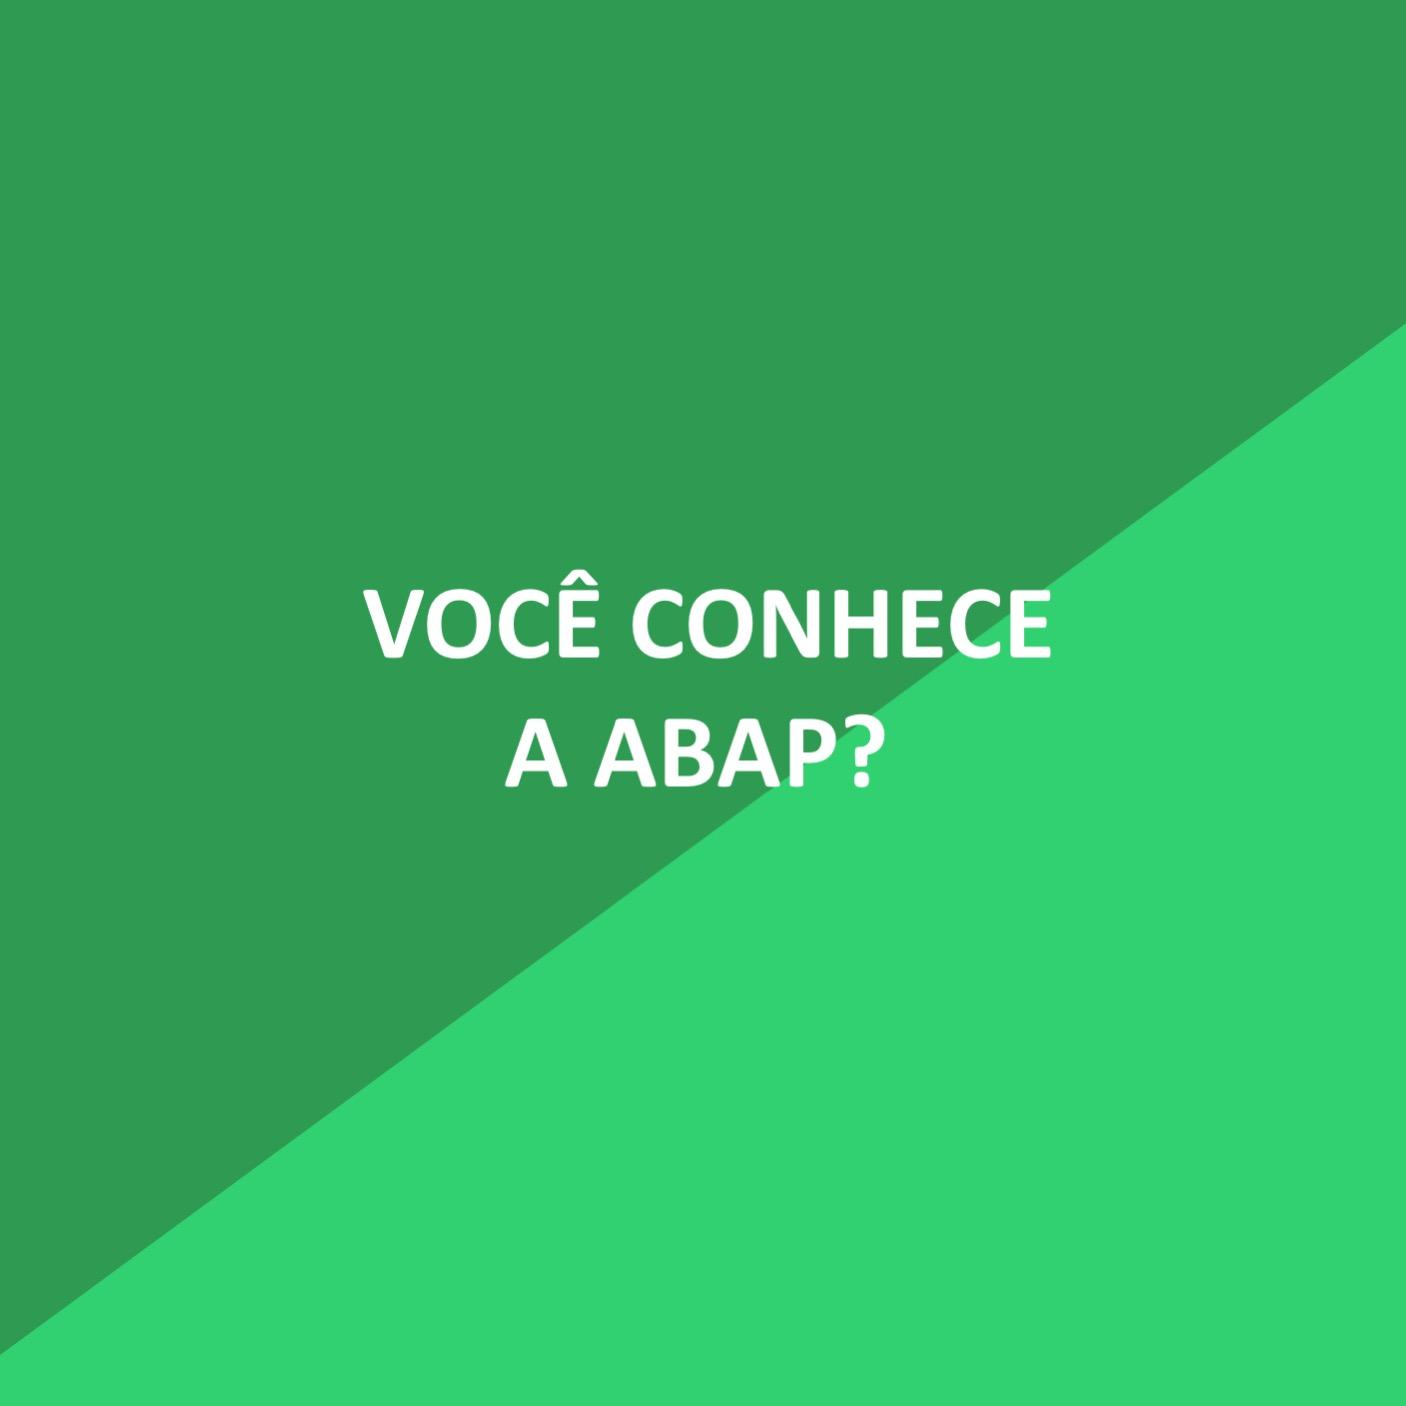 Conheça a ABAP